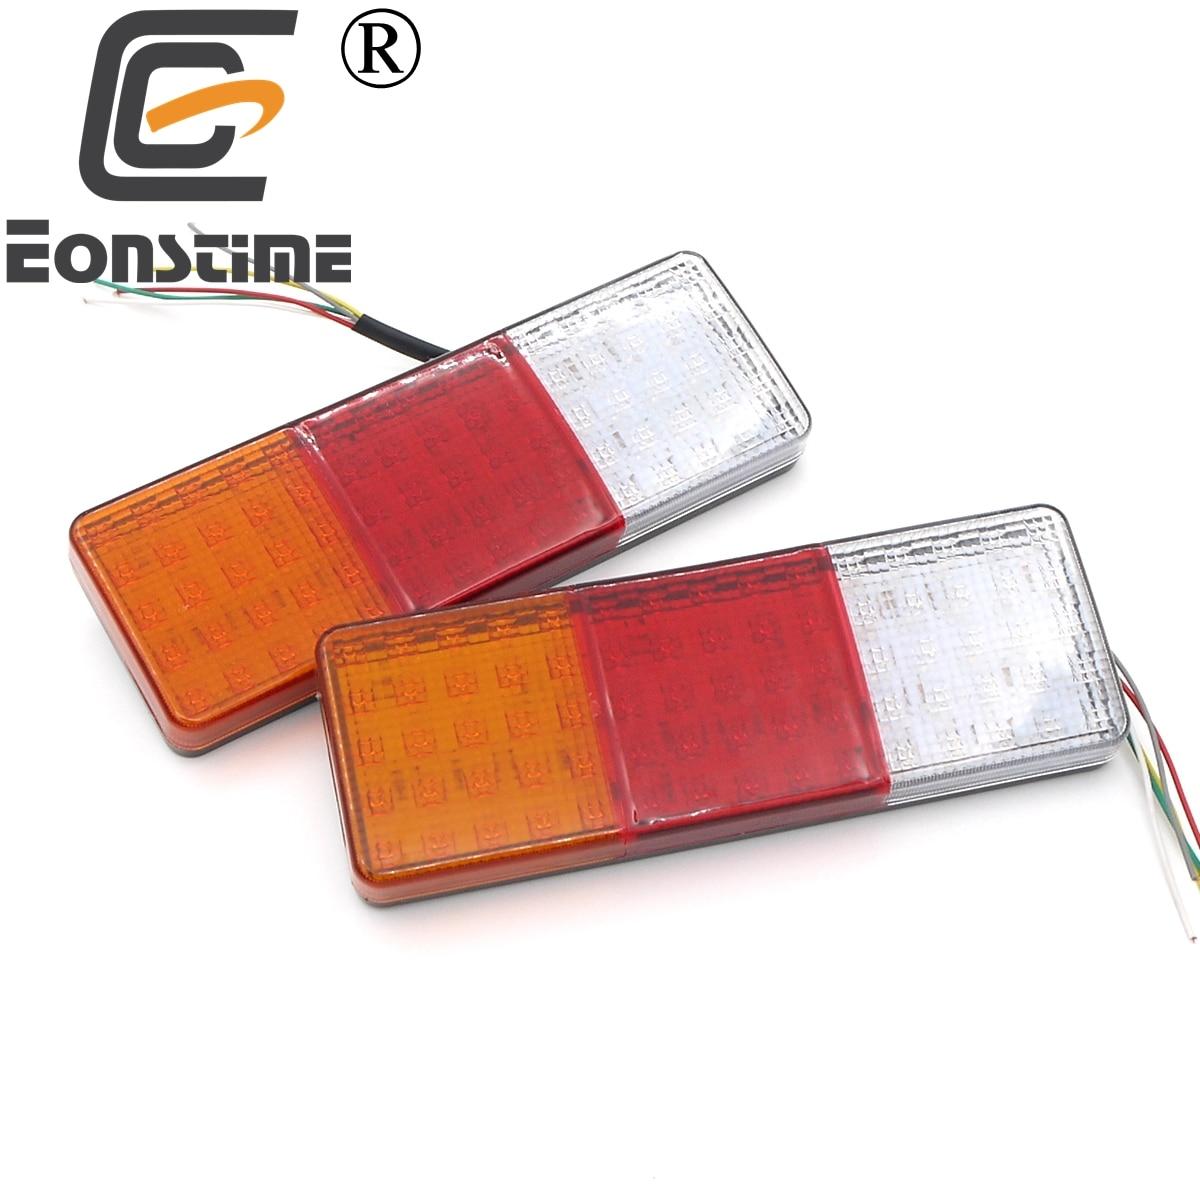 Eonstime 2pcs 12V/24V 75 LED Car Truck Tail Light Warning Lights Rear Lamps Waterproof Tailights Rear Parts Trailer Truck Light